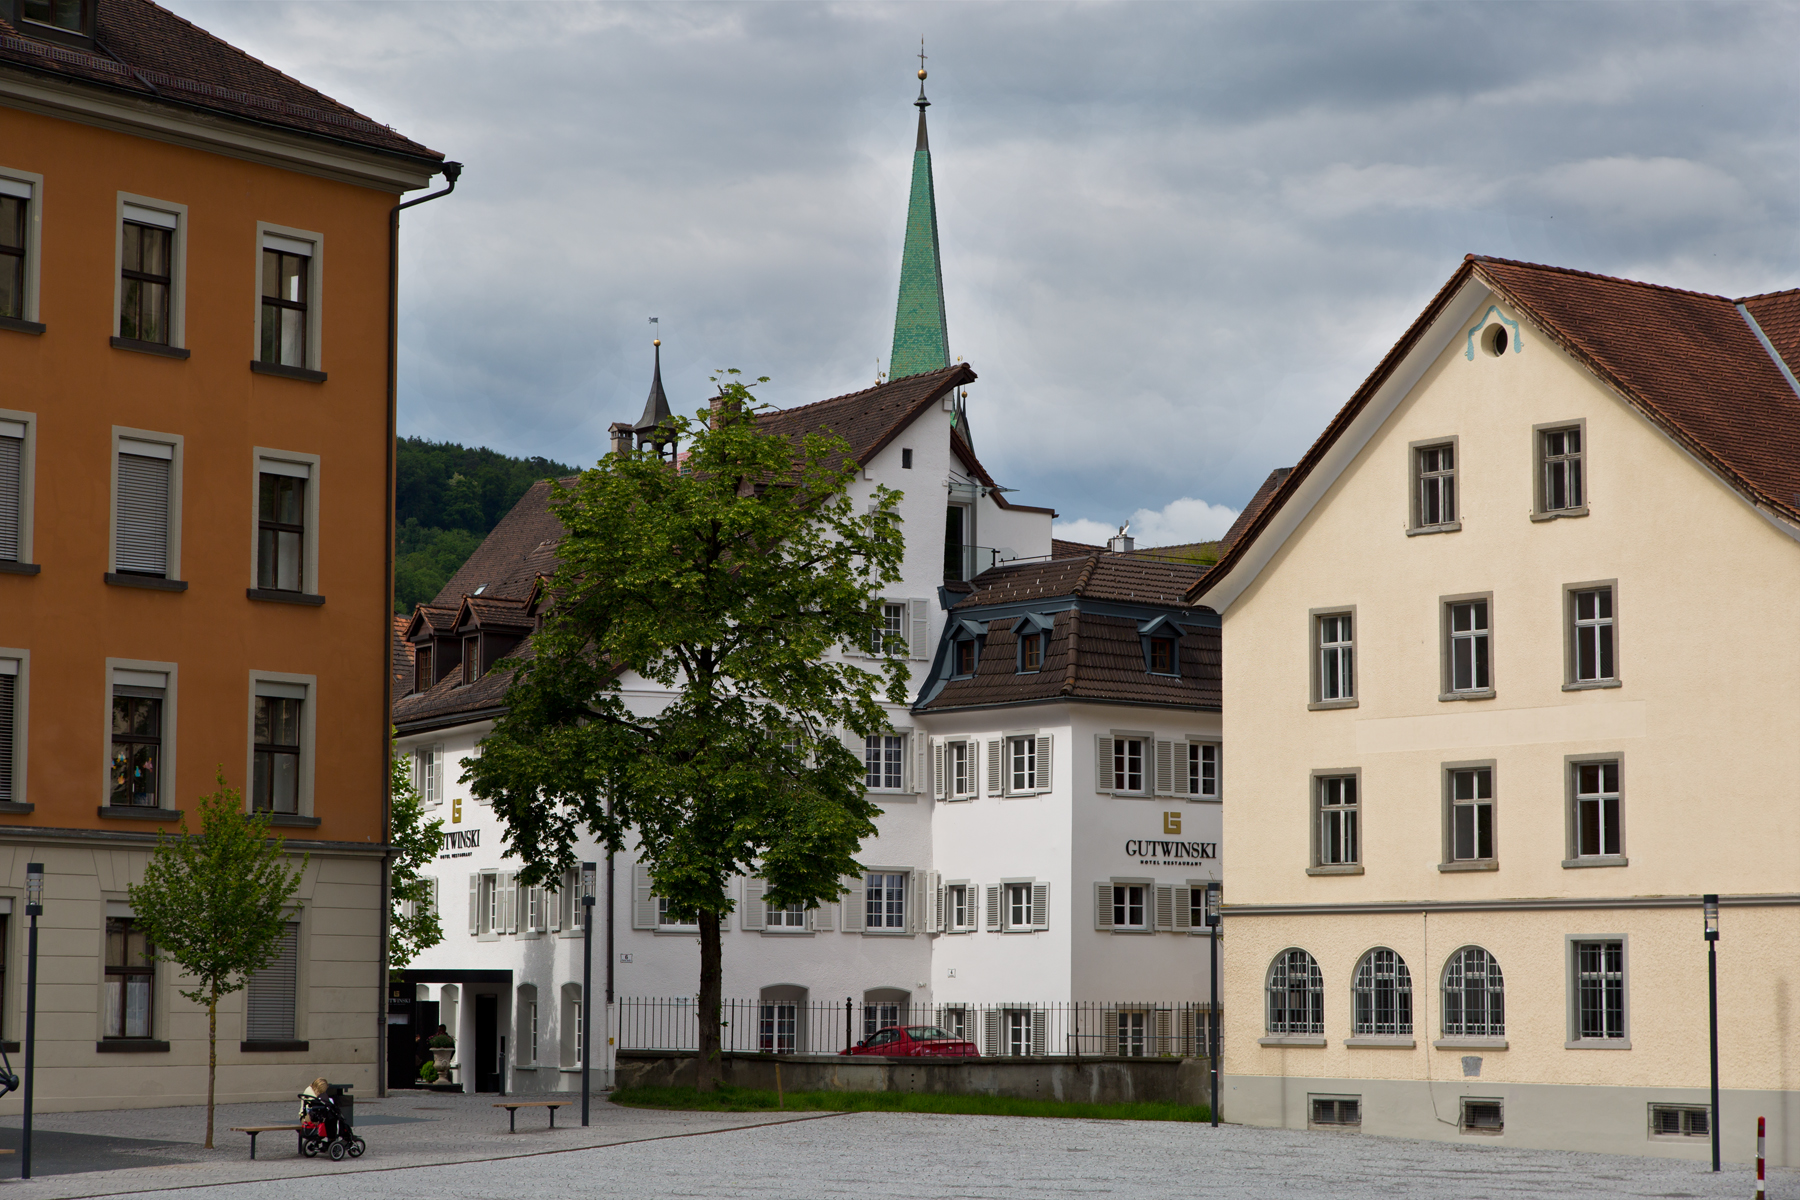 Feldkirch, Gymnasiumgasse, Hotel Gutwinski